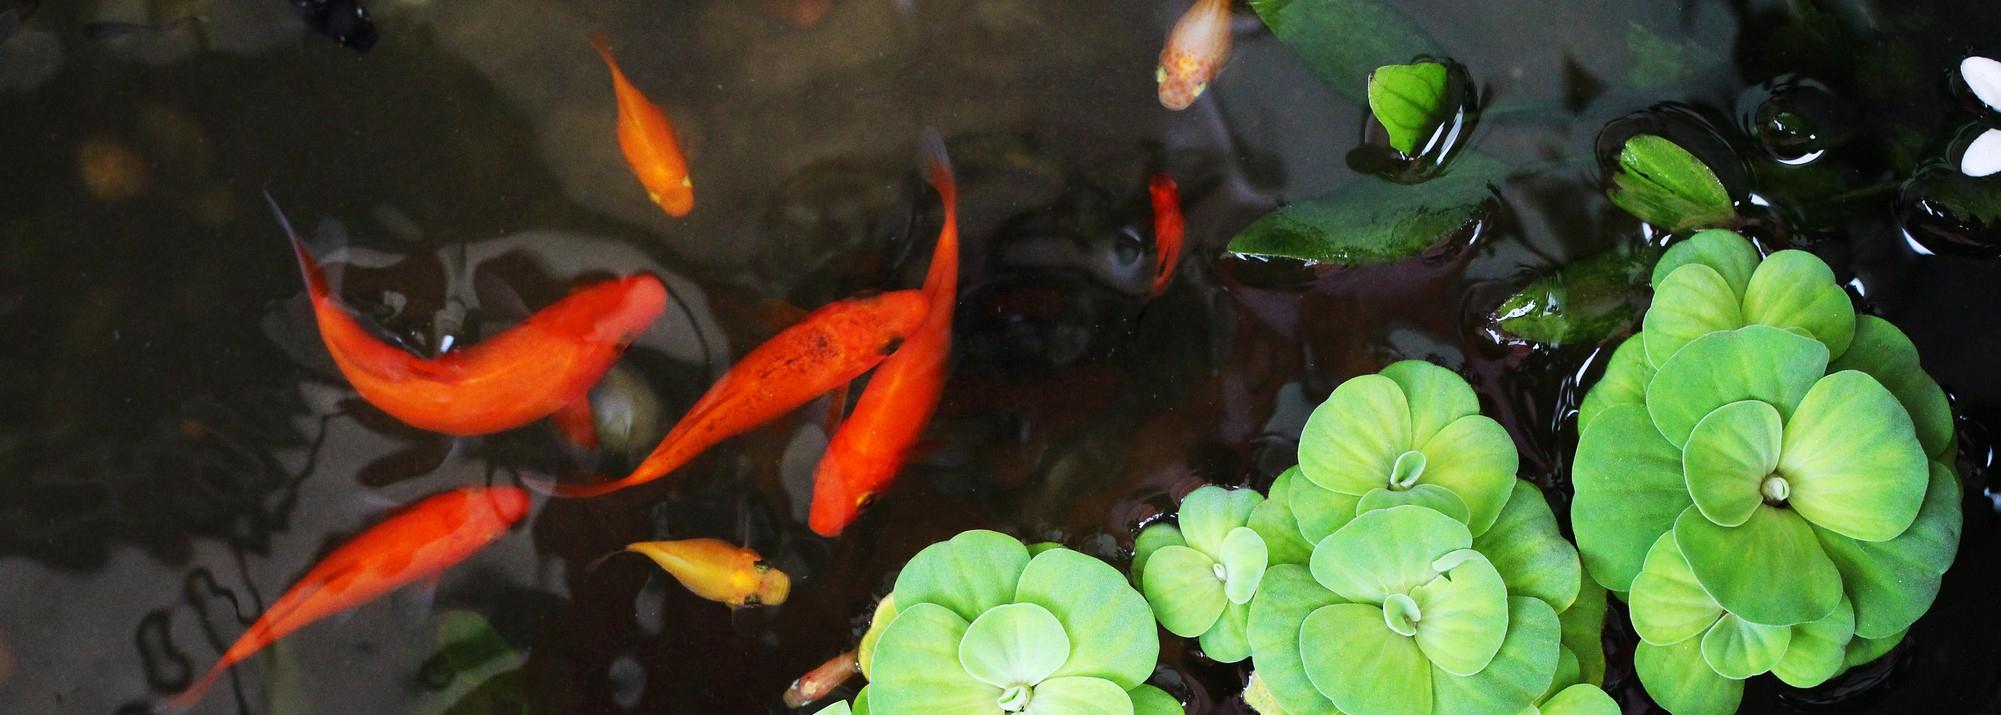 Poissons De Bassin : Botanic®, Nos Poissons Et Carpes Koi ... avec Accessoires Pour Bassin De Jardin